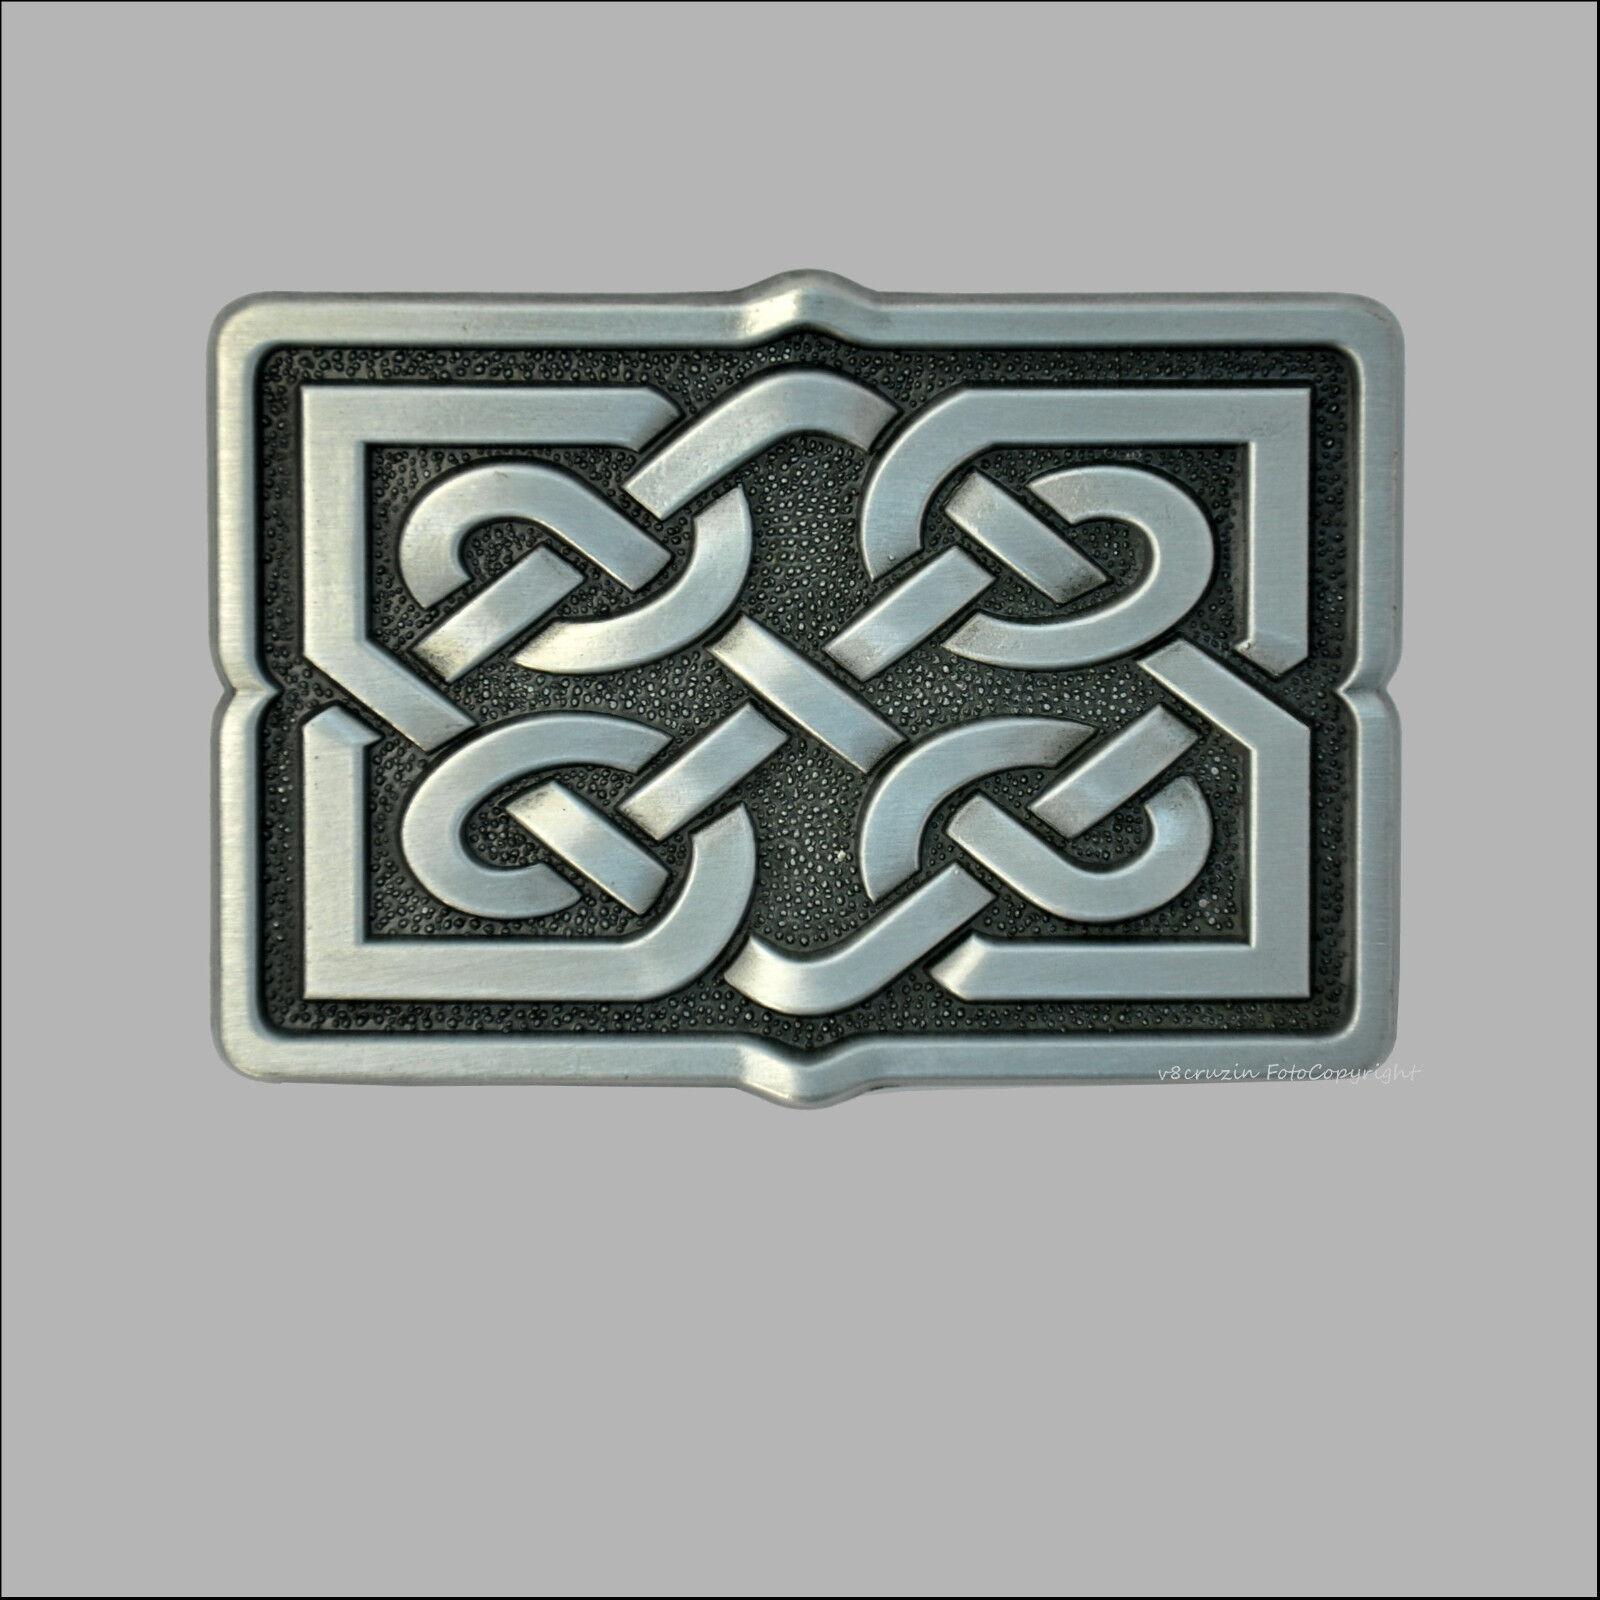 Celtic Knot Belt Buckle Ornament Gürtelschnalle Mittelalter Design Gotik *209